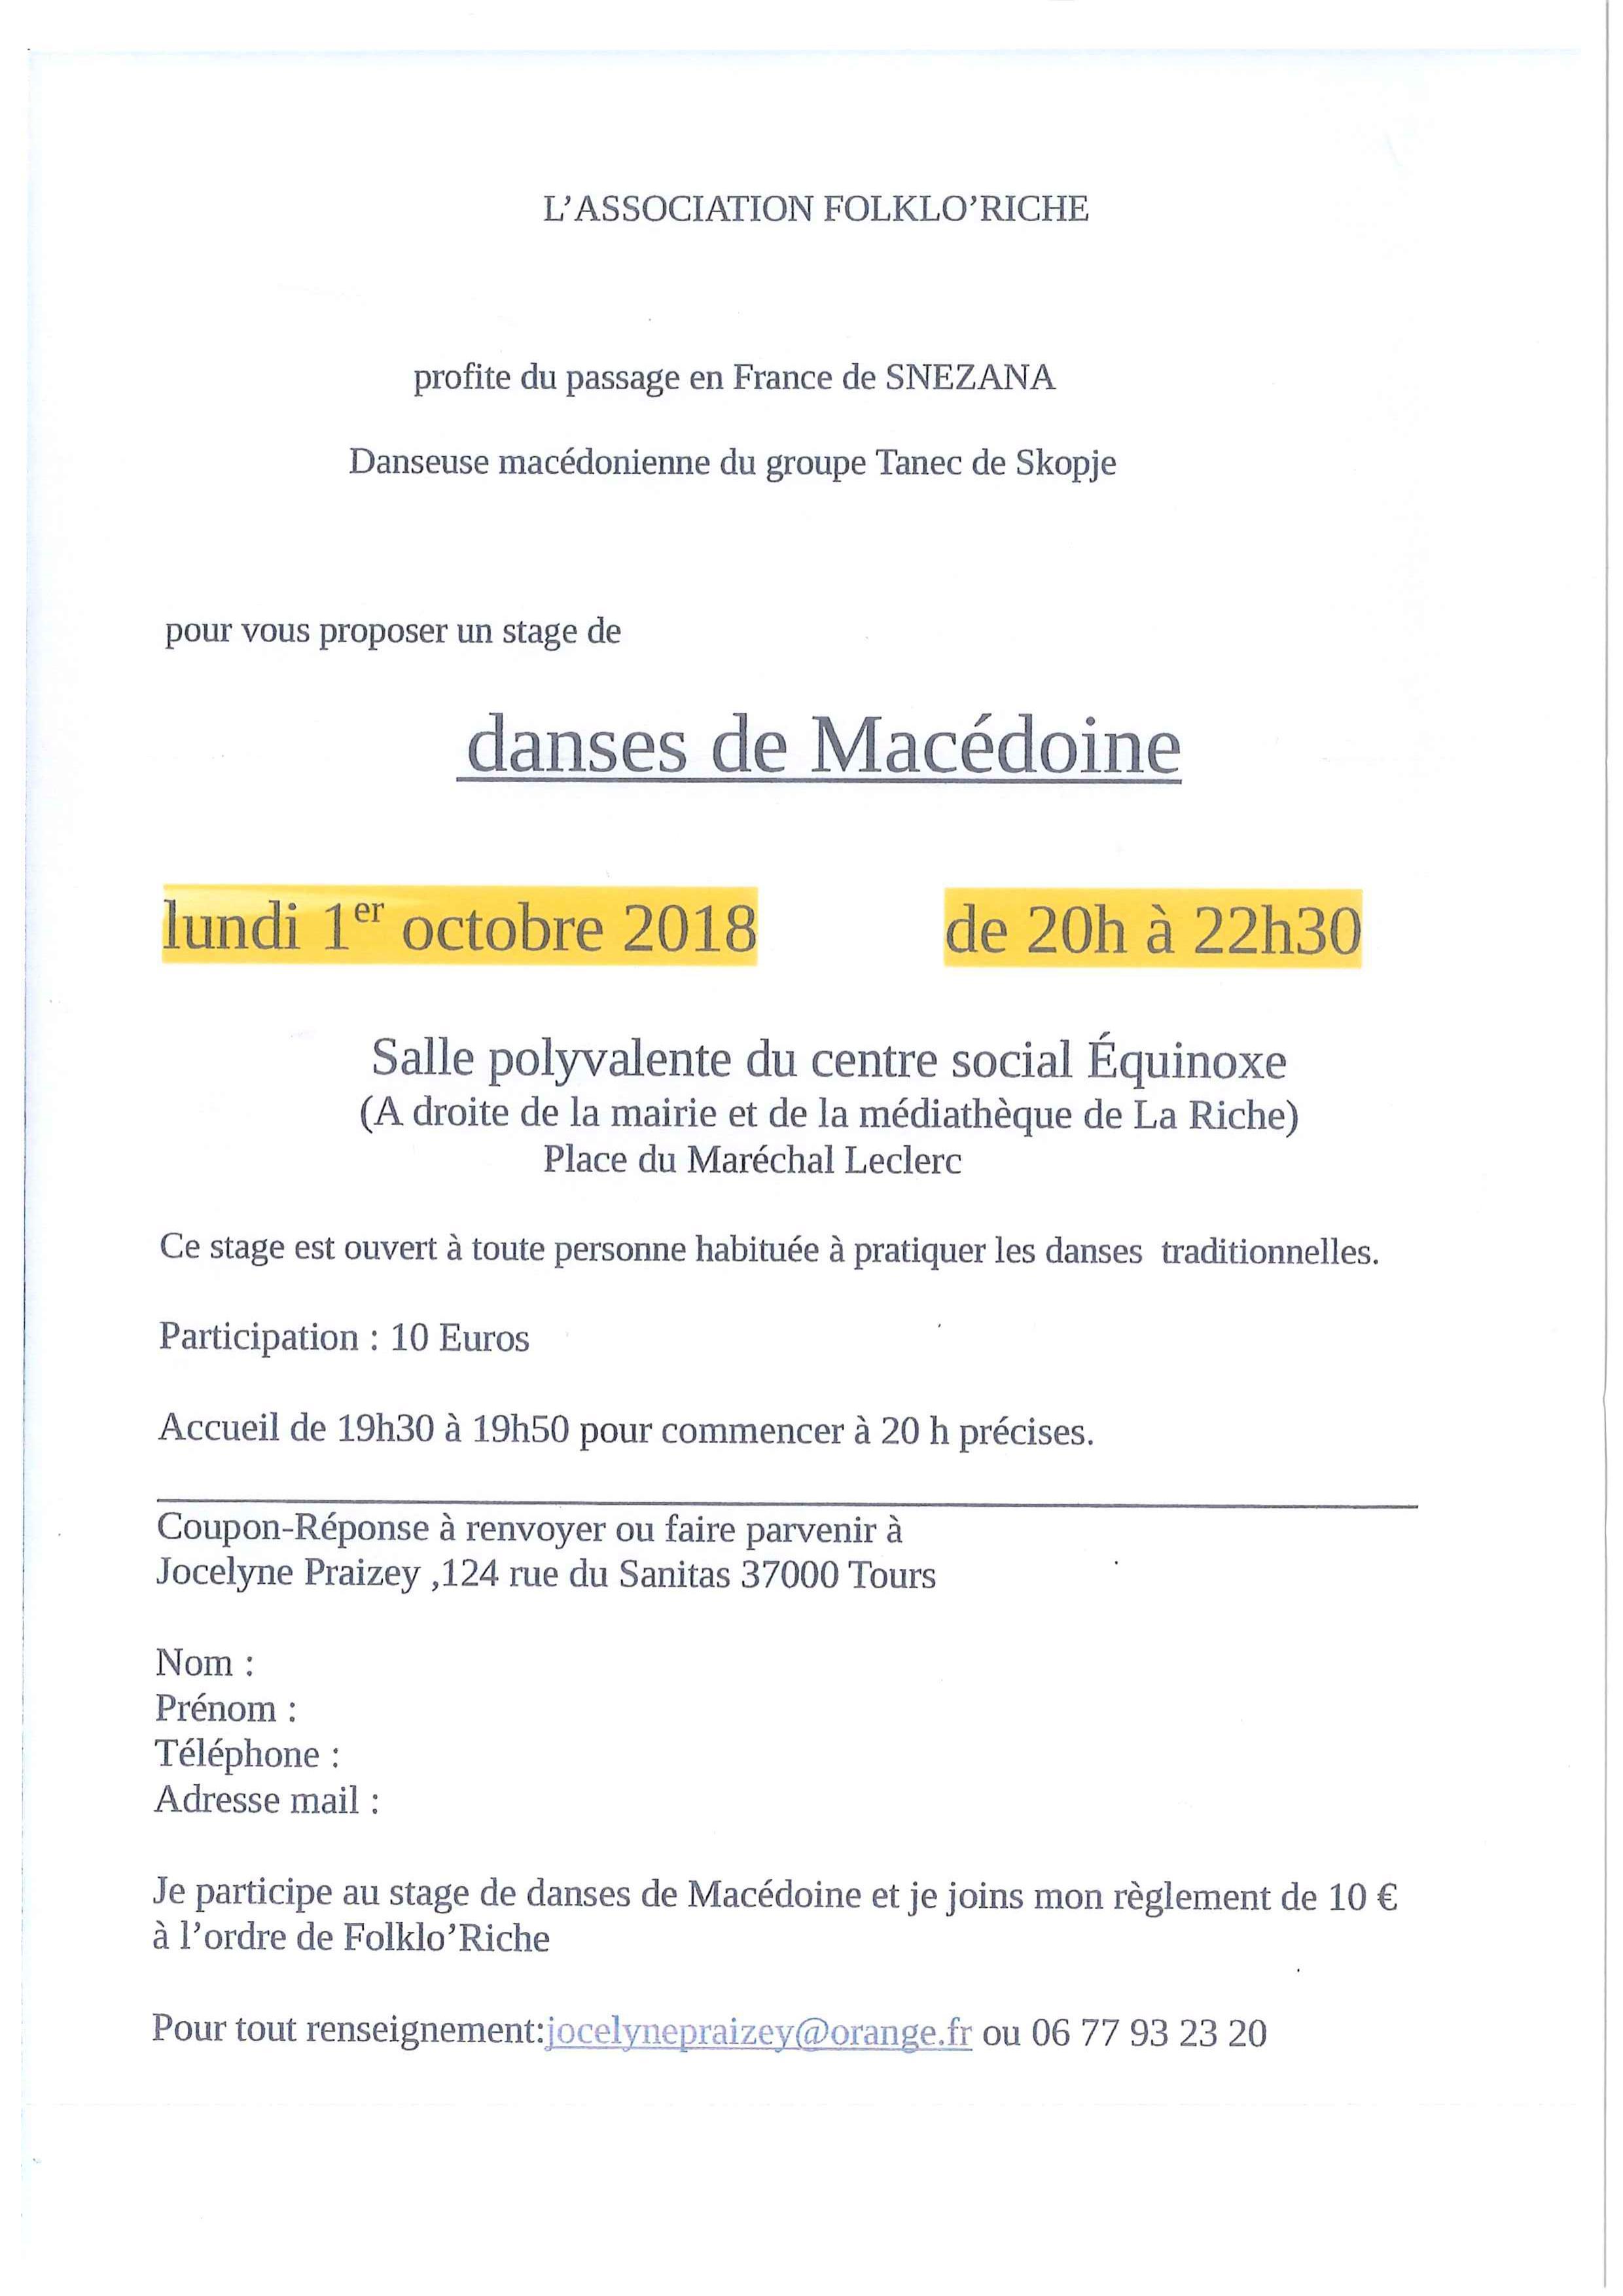 9f4530586e8 Salle polyvalente Equinoxe Contact   jocelynepraizey orange.fr ...